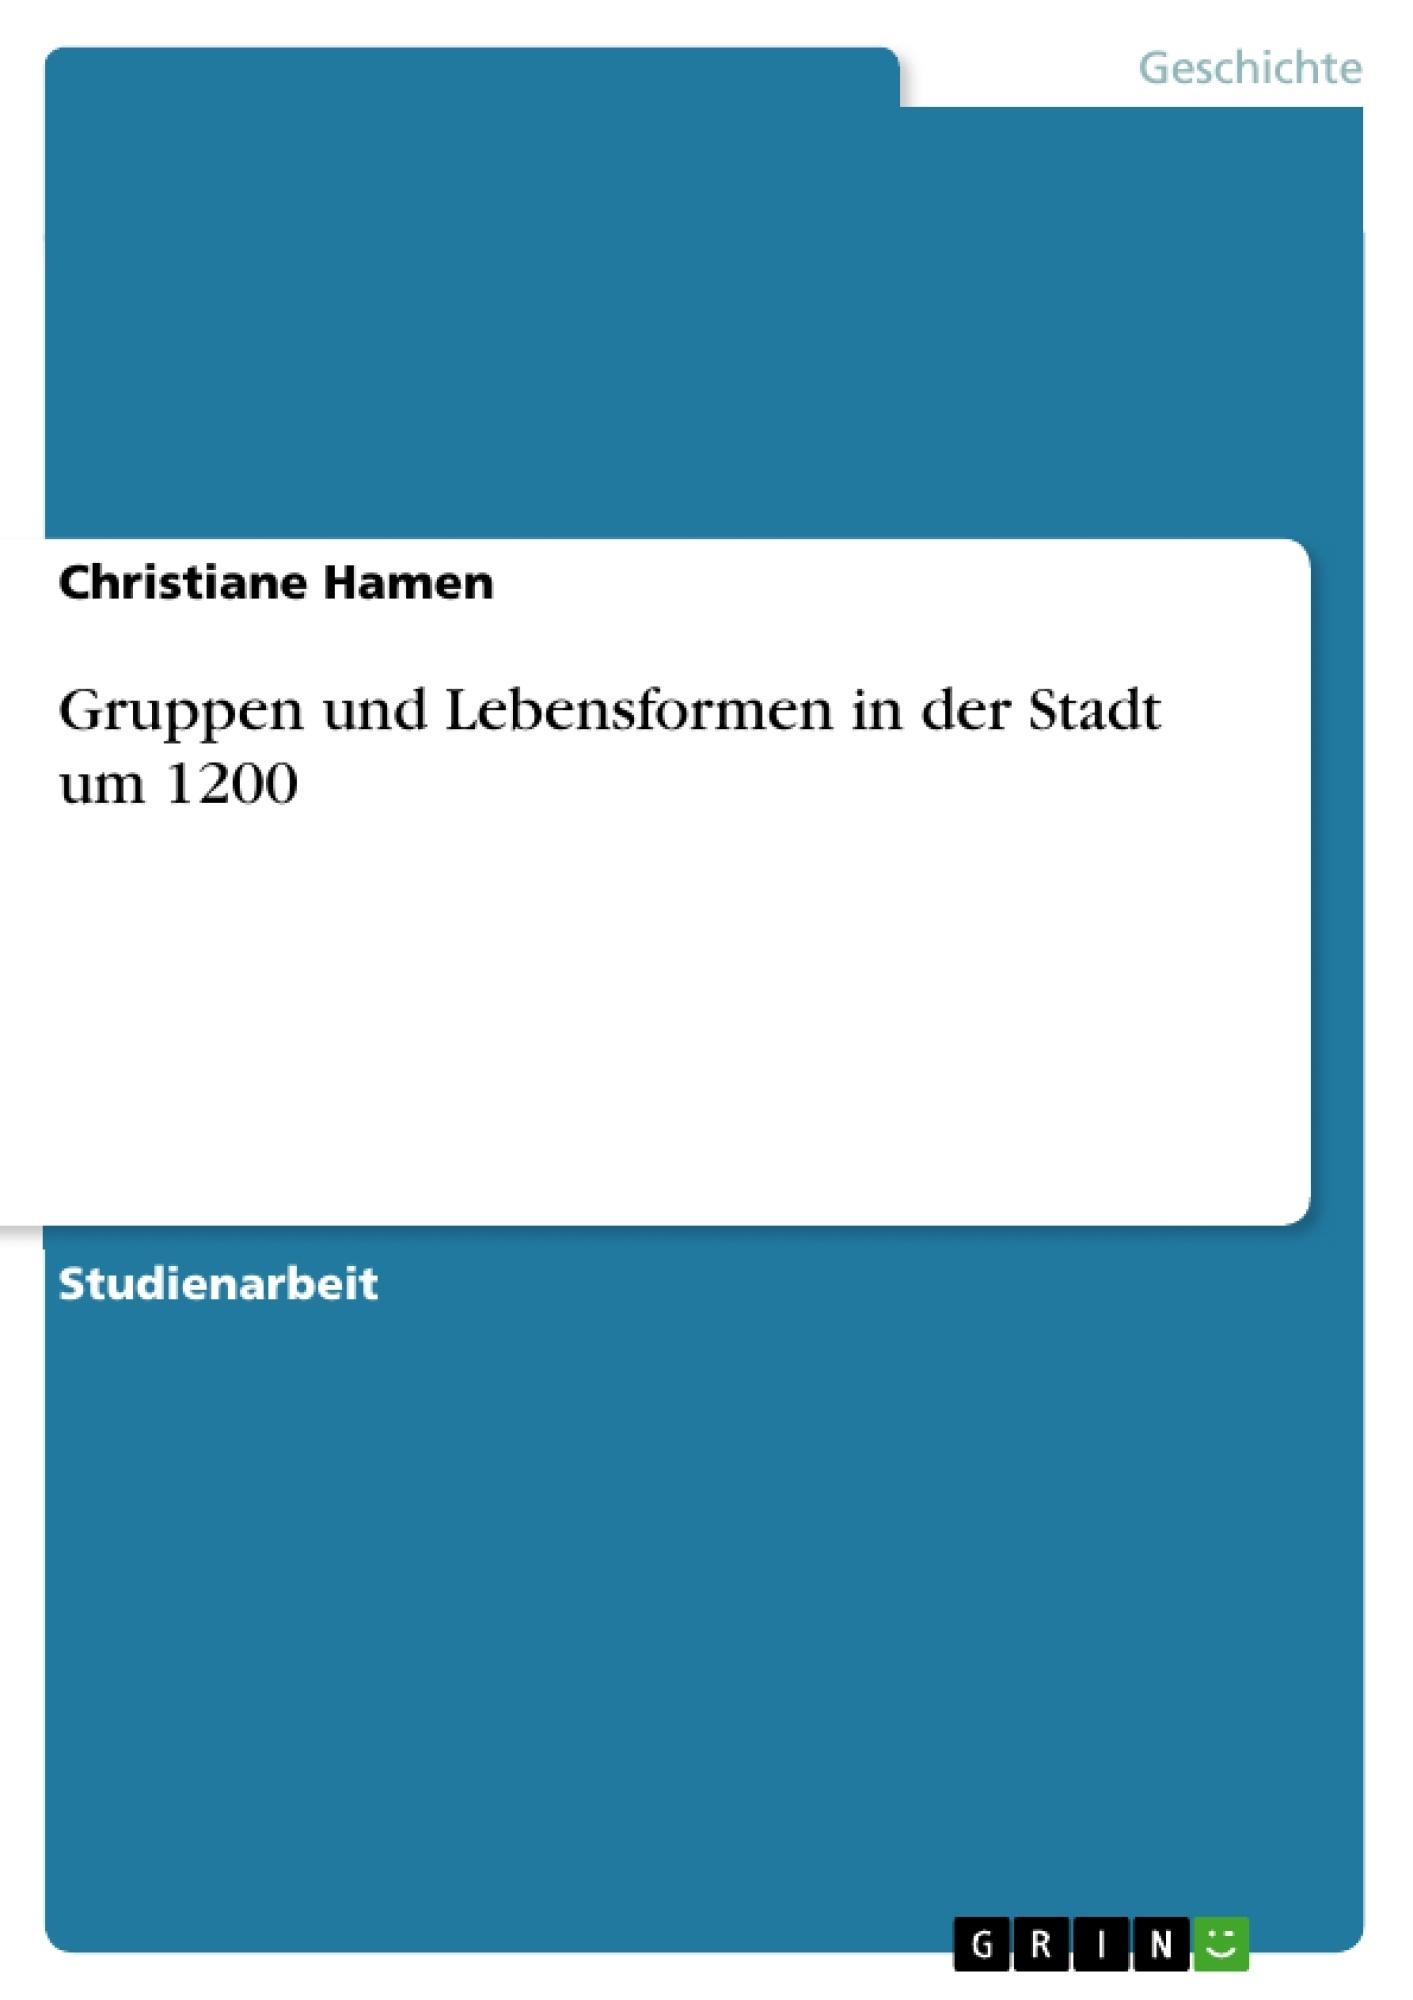 Titel: Gruppen und Lebensformen in der Stadt um 1200